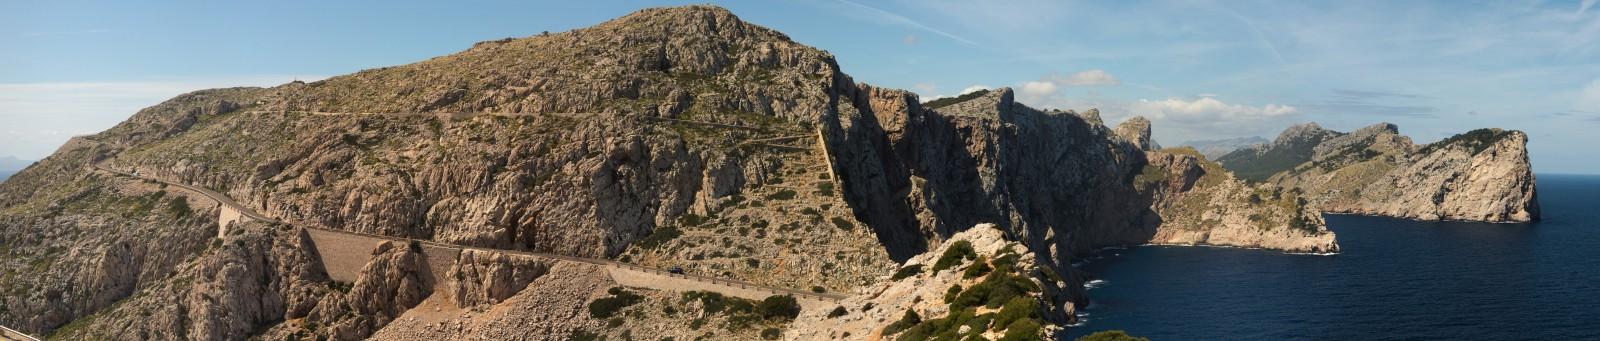 Výhled z Cap de Formentor